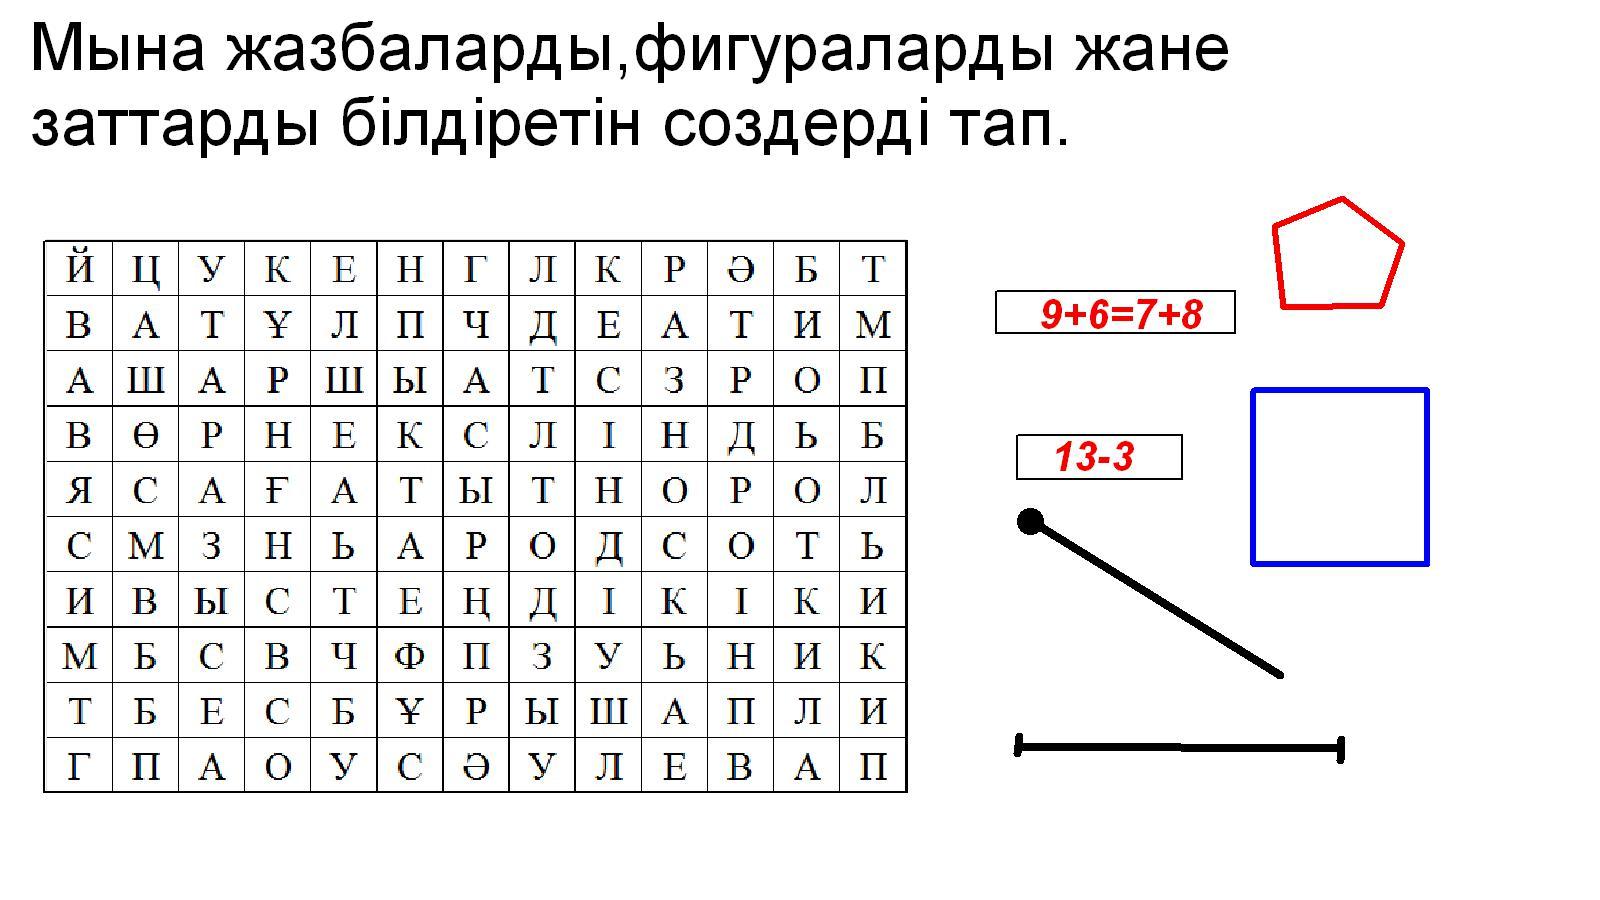 hello_html_m7b63b2.jpg